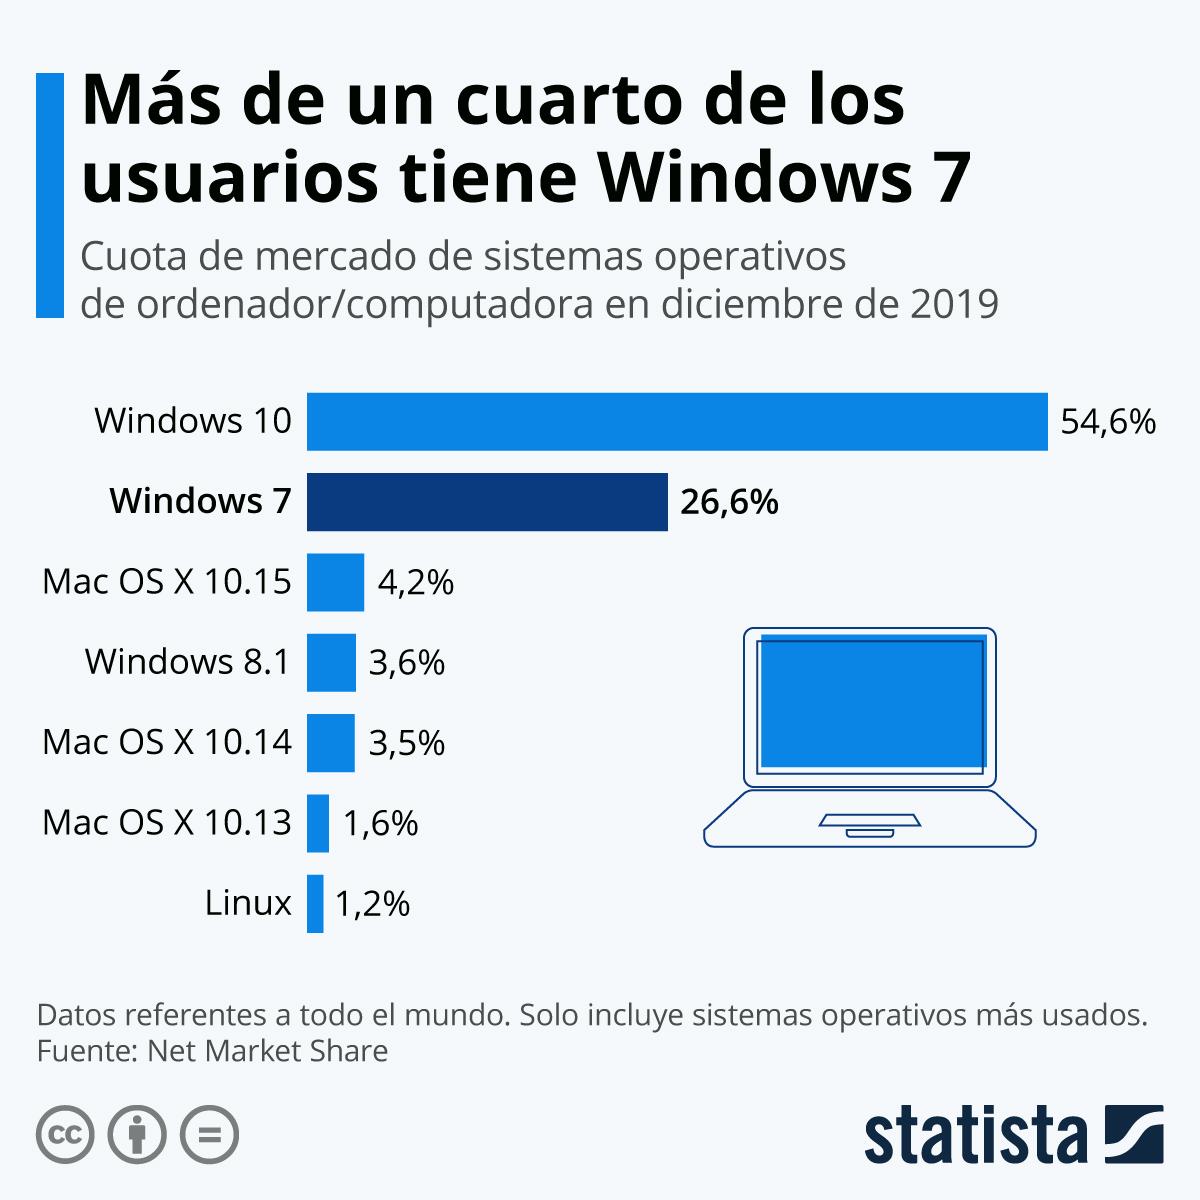 Infografía: Más de un cuarto de los ordenadores tiene Windows 7 | Statista